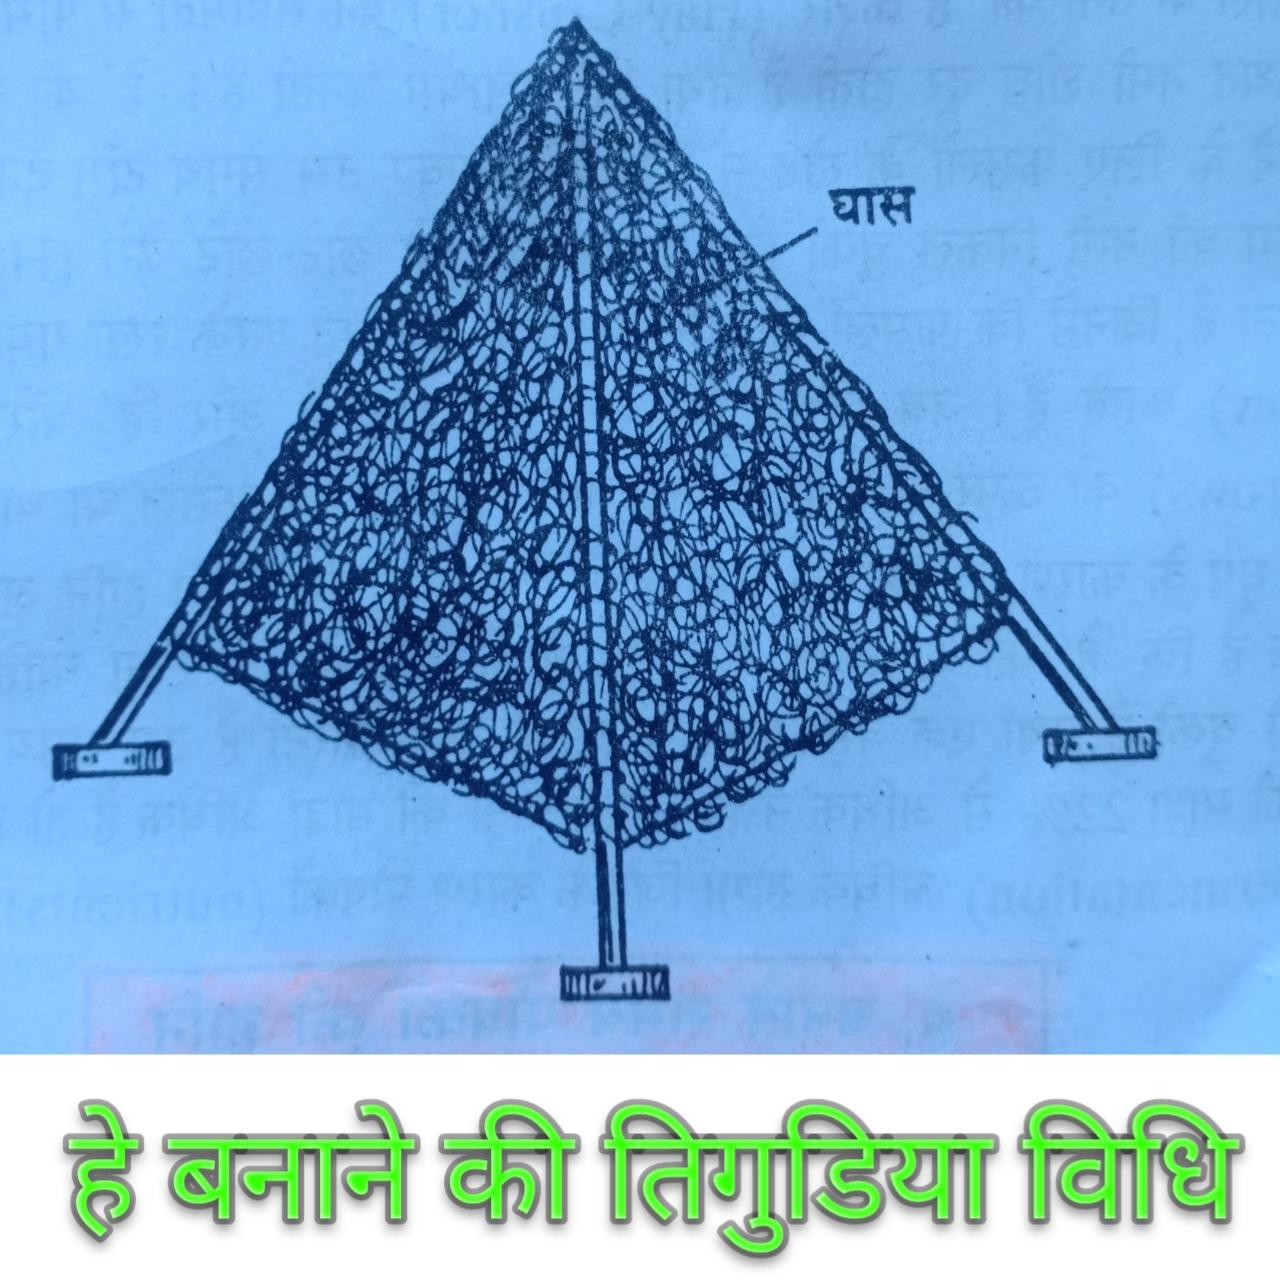 हे Hey या सूखी घास क्या होती है पूरी जानकारी हिंदी में, हे Hey या सूखी घास की परिभाषा